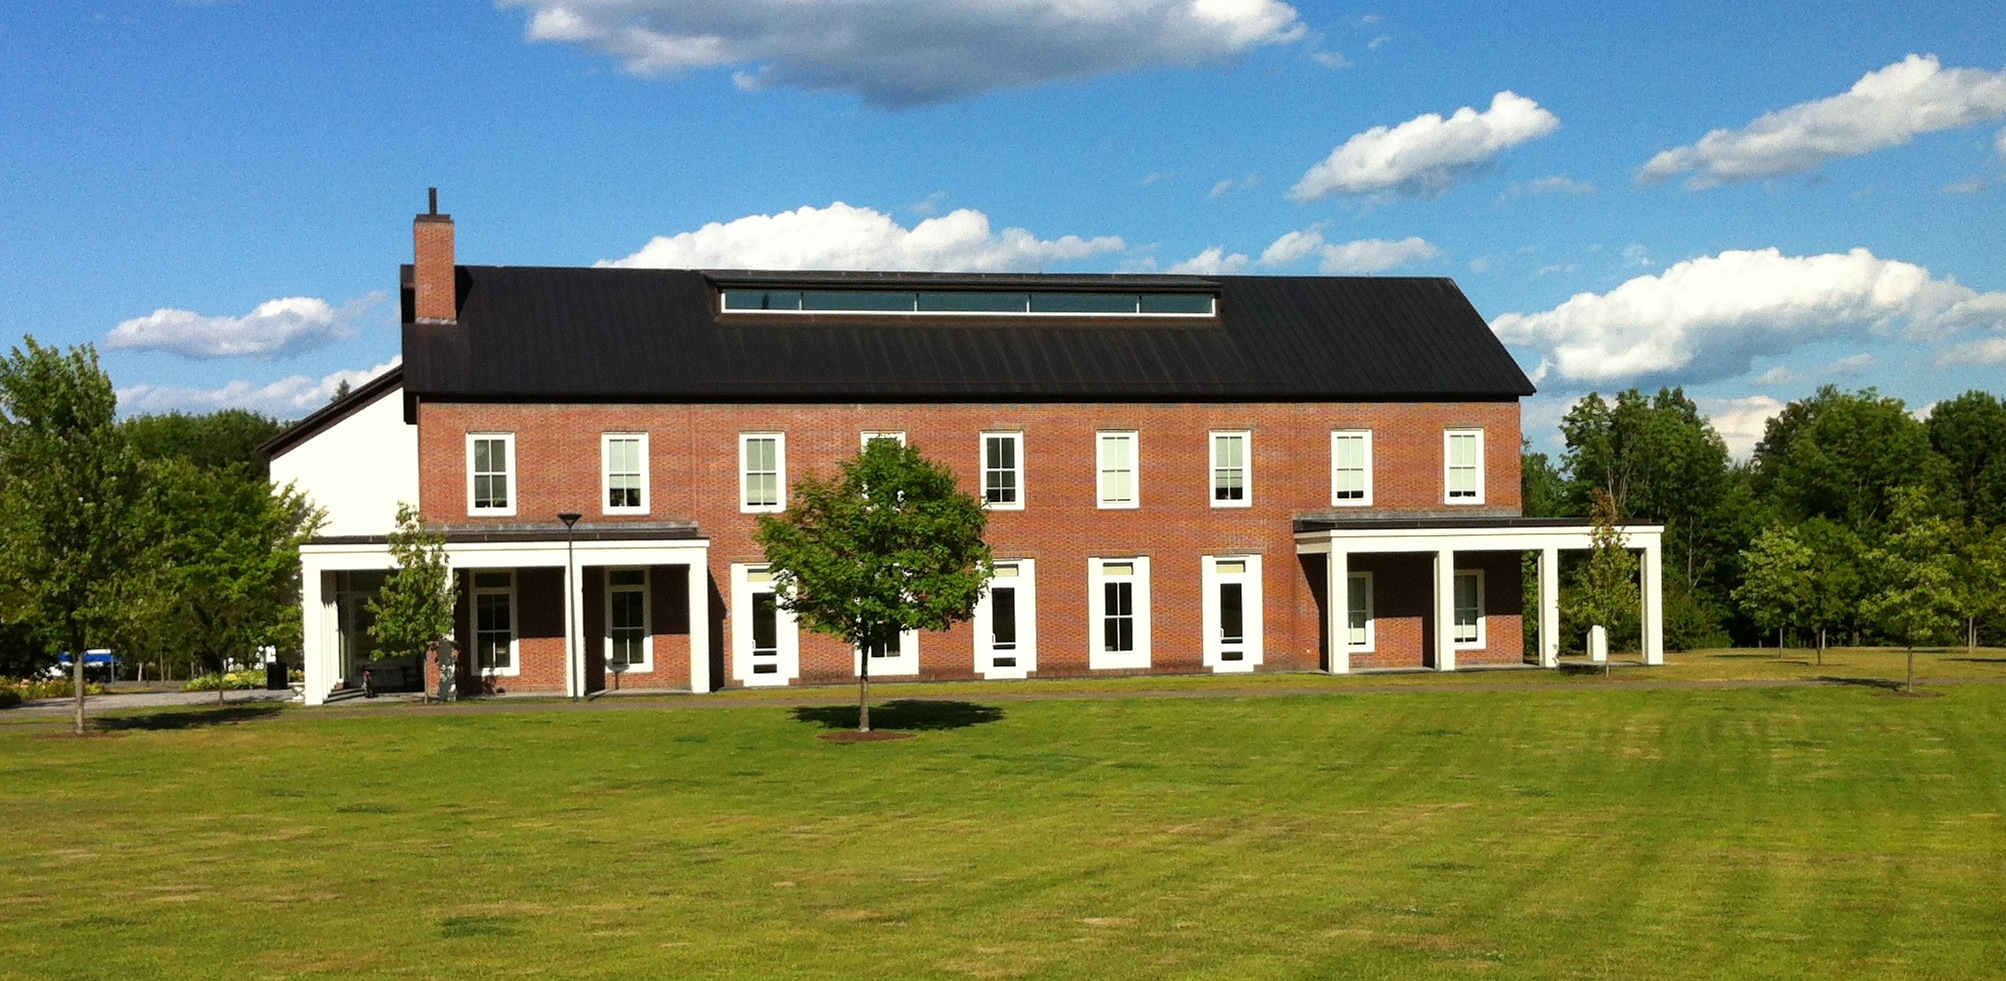 Schair-Swenson-Watson Alumni Center